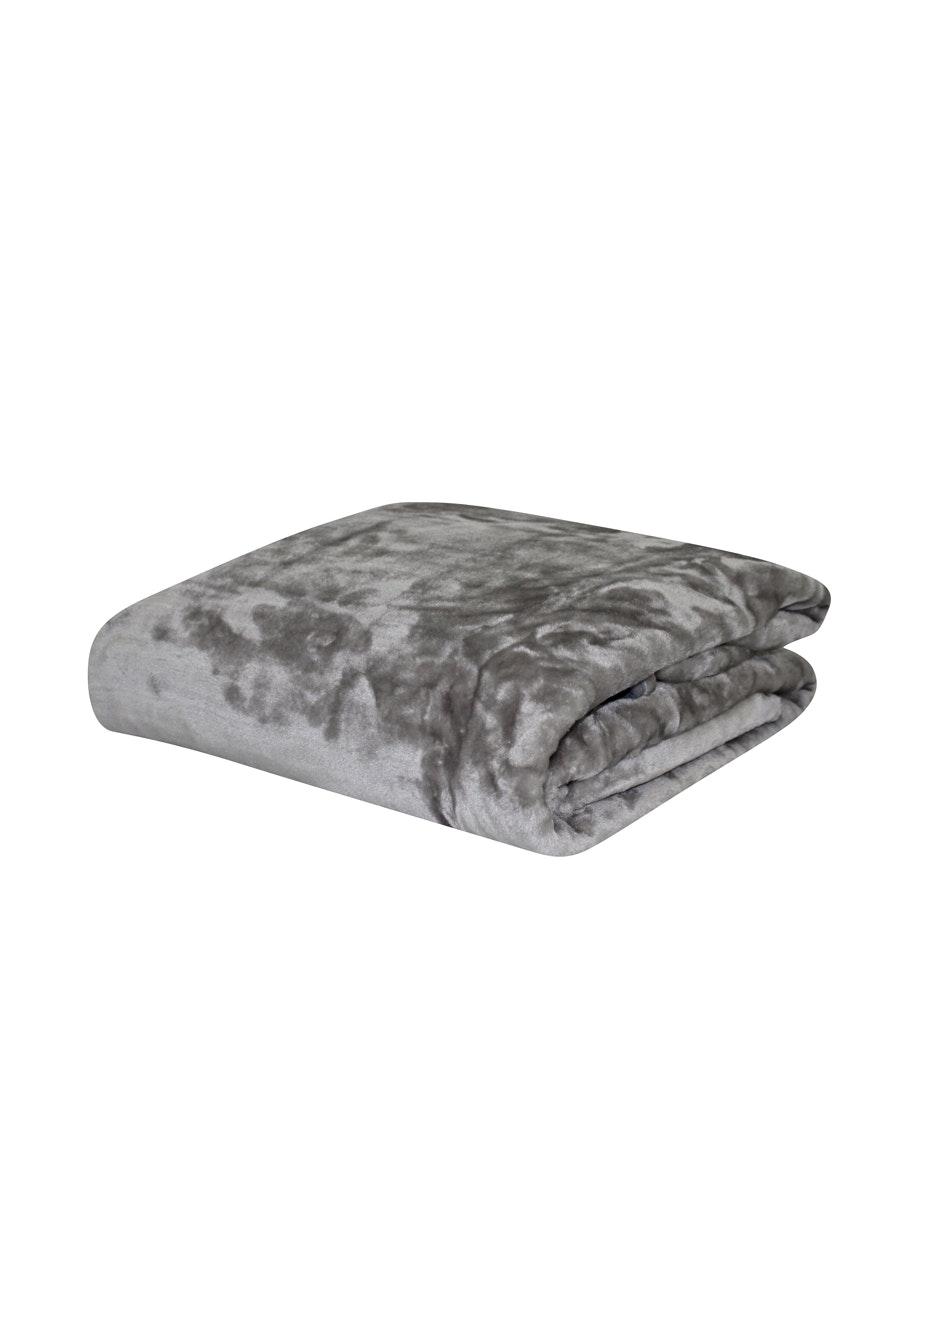 Mink Blanket - 400Gsm - Single Bed - Silver